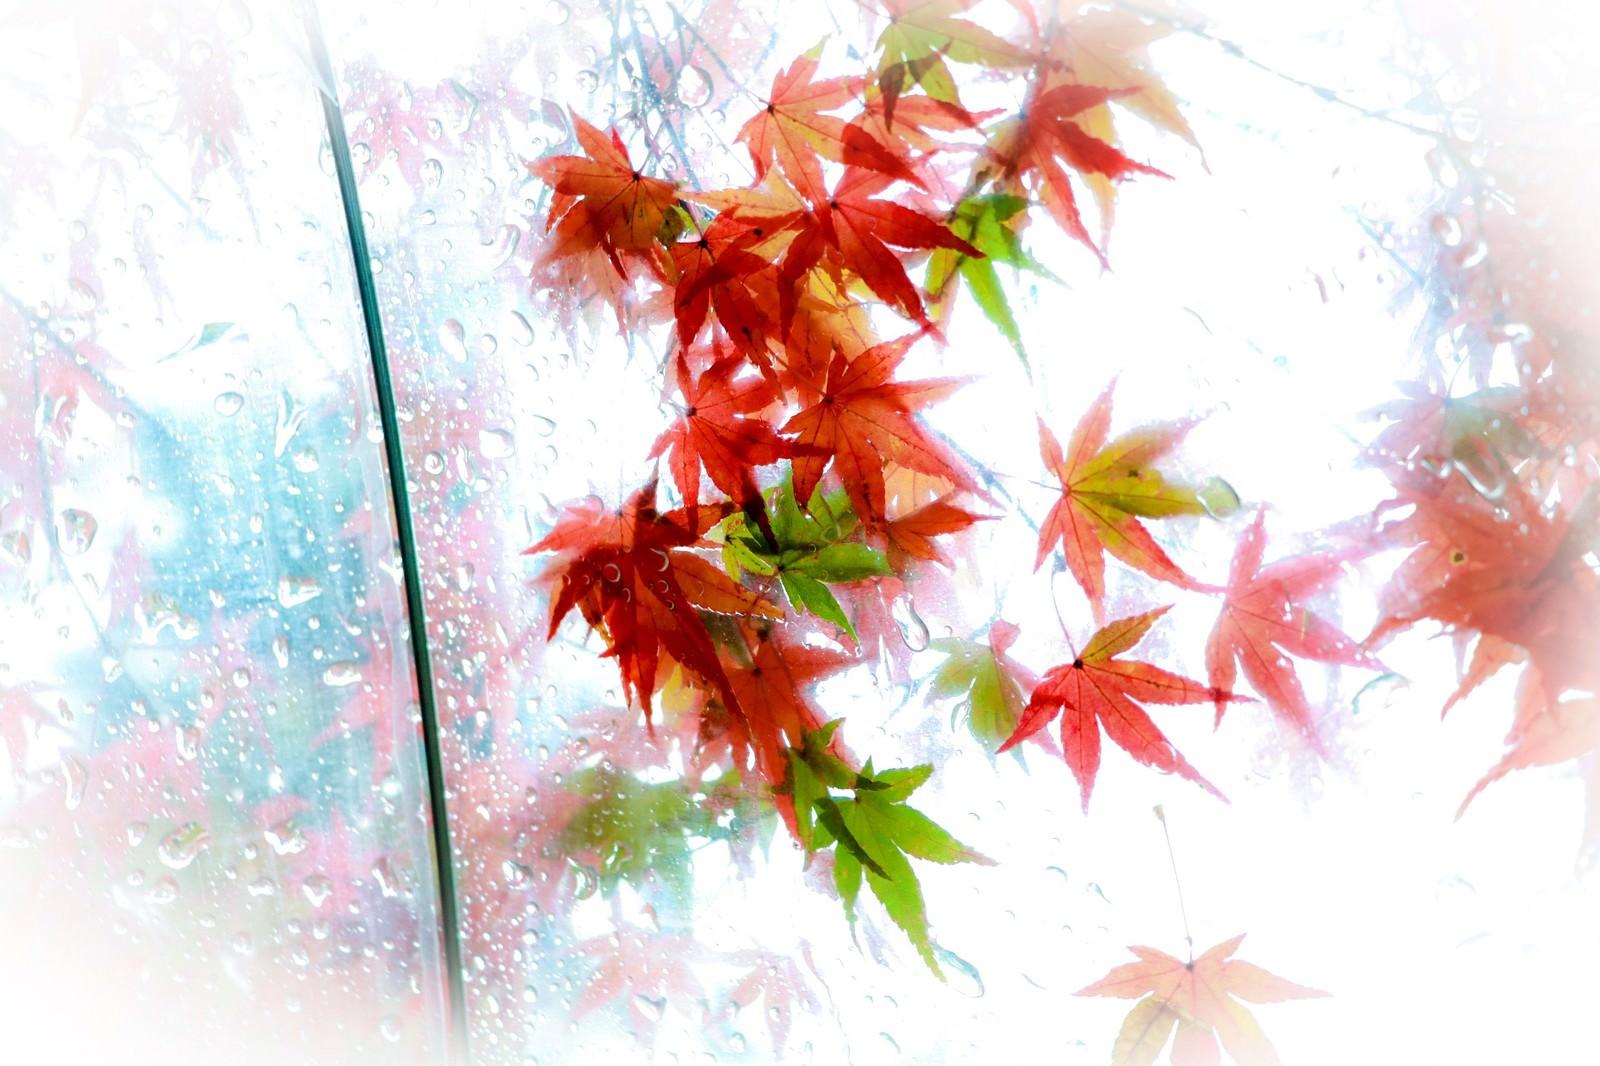 「ビニール傘越しのもみじの葉」の写真